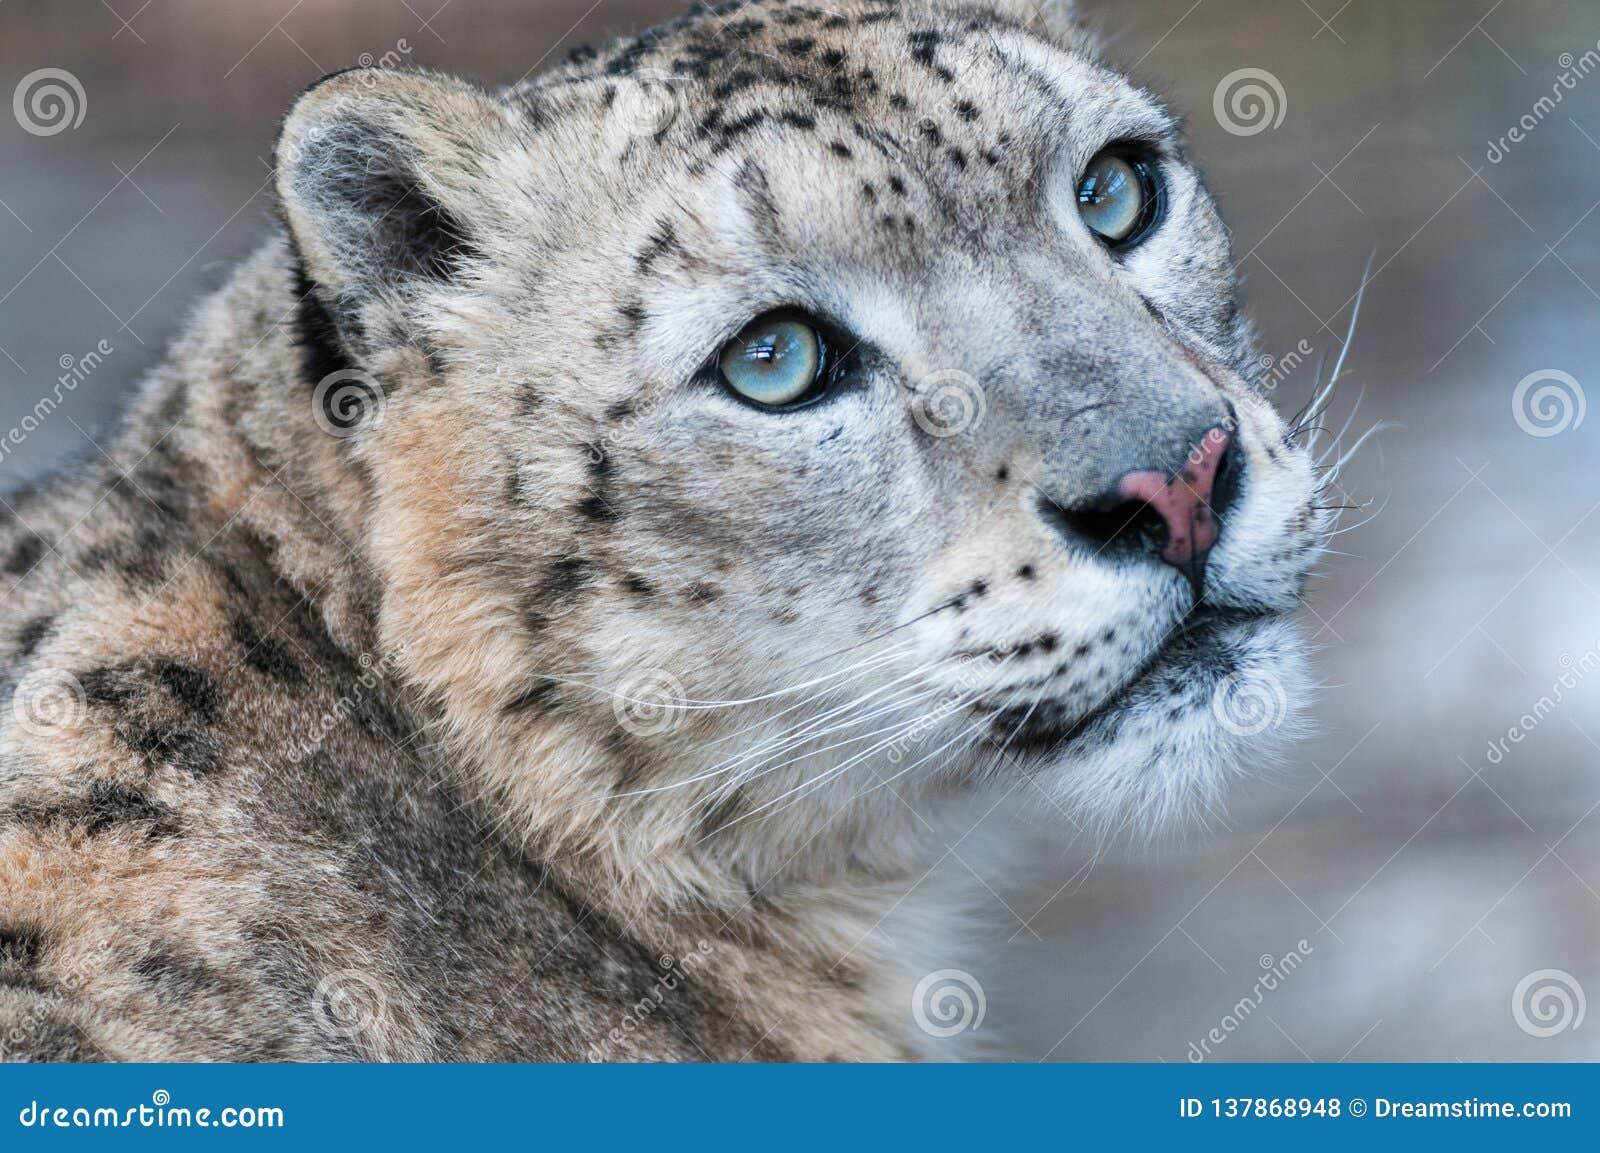 Snöleopard, snöleopard, rovdjur, lös katt, berg, snö, djurliv